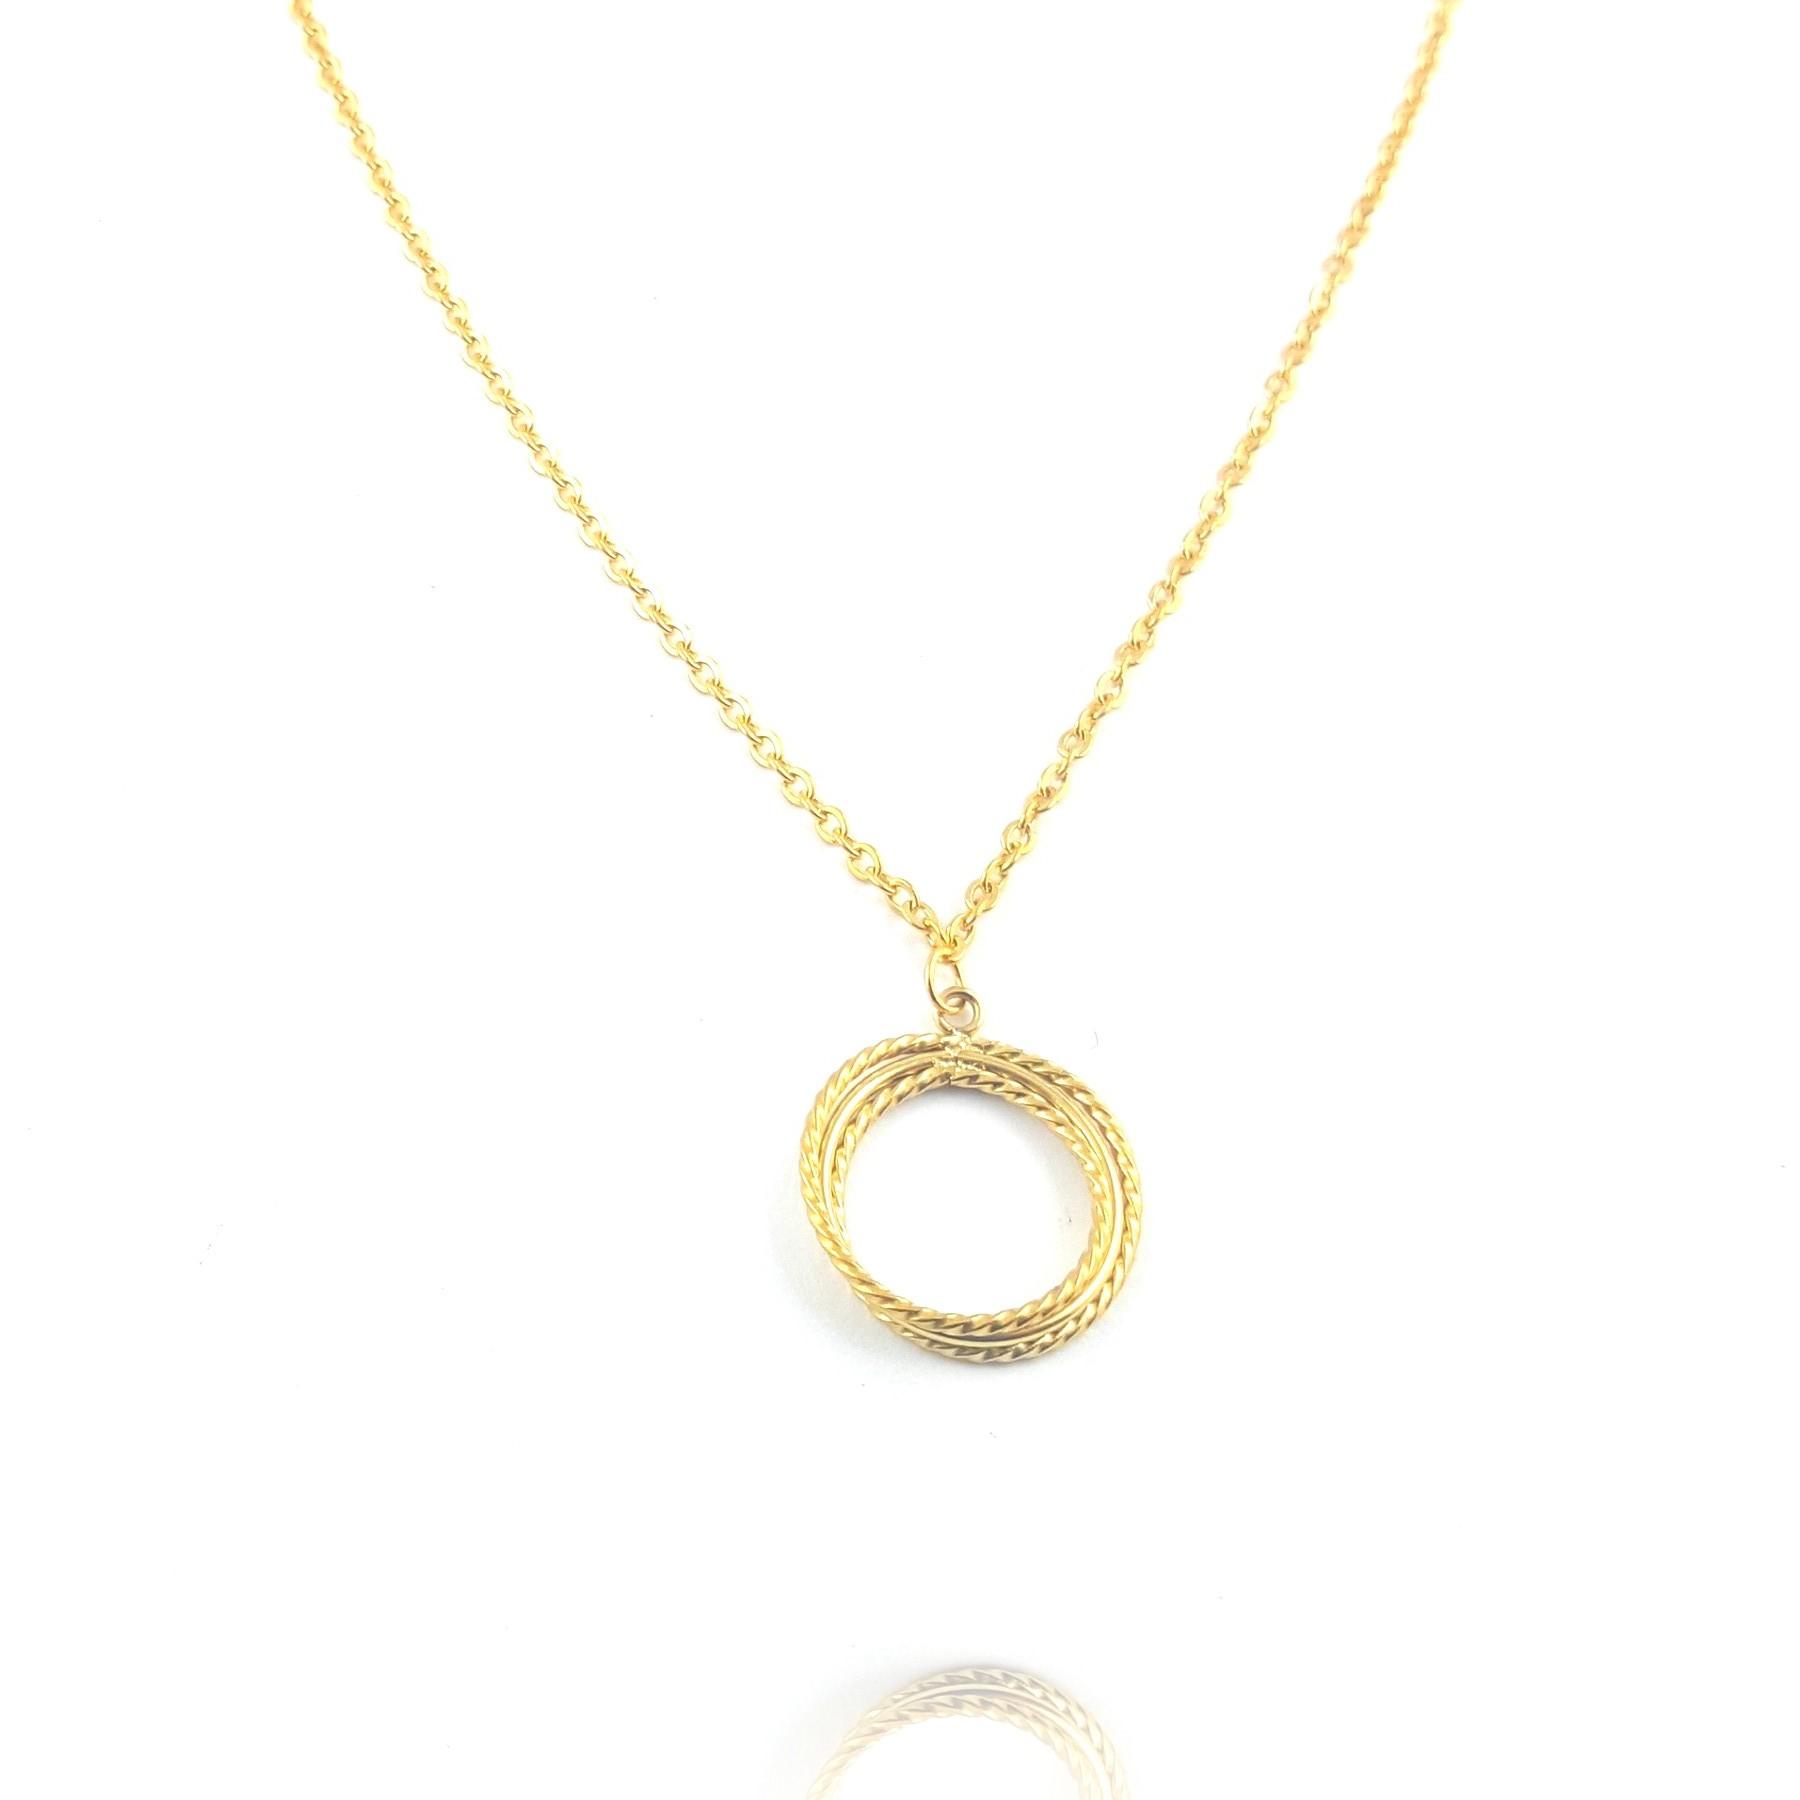 collier torsadé - identités bijoux - clermont ferrand